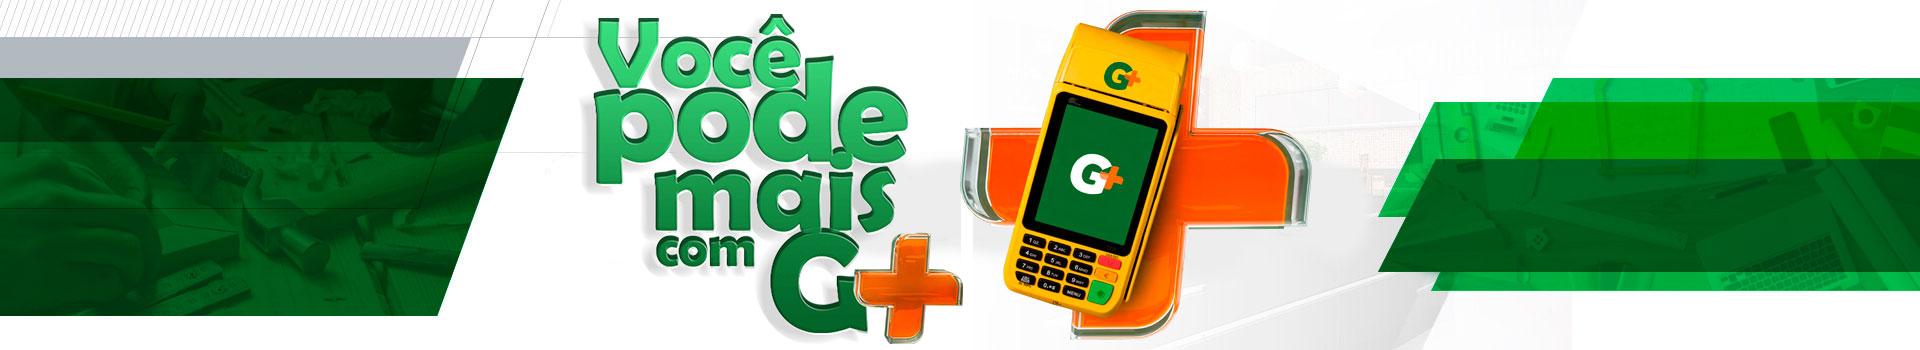 Você pode mais com G+. Maquininha cartão de crédito para marceneiros